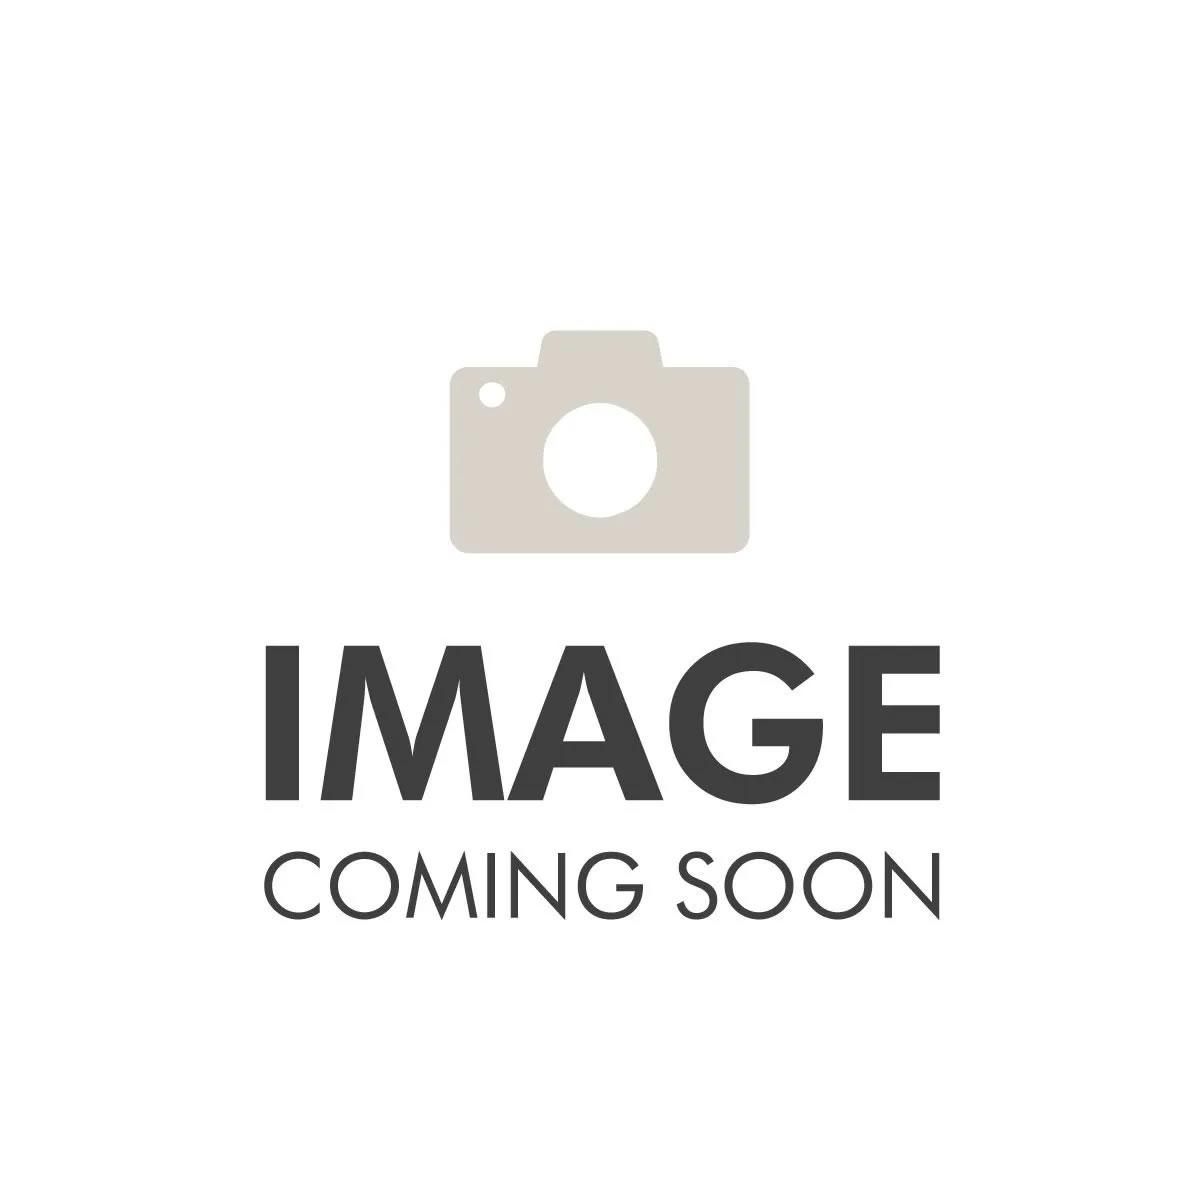 Aluminum Rear Bumper Pods 07-12 Jeep JK Wrangler